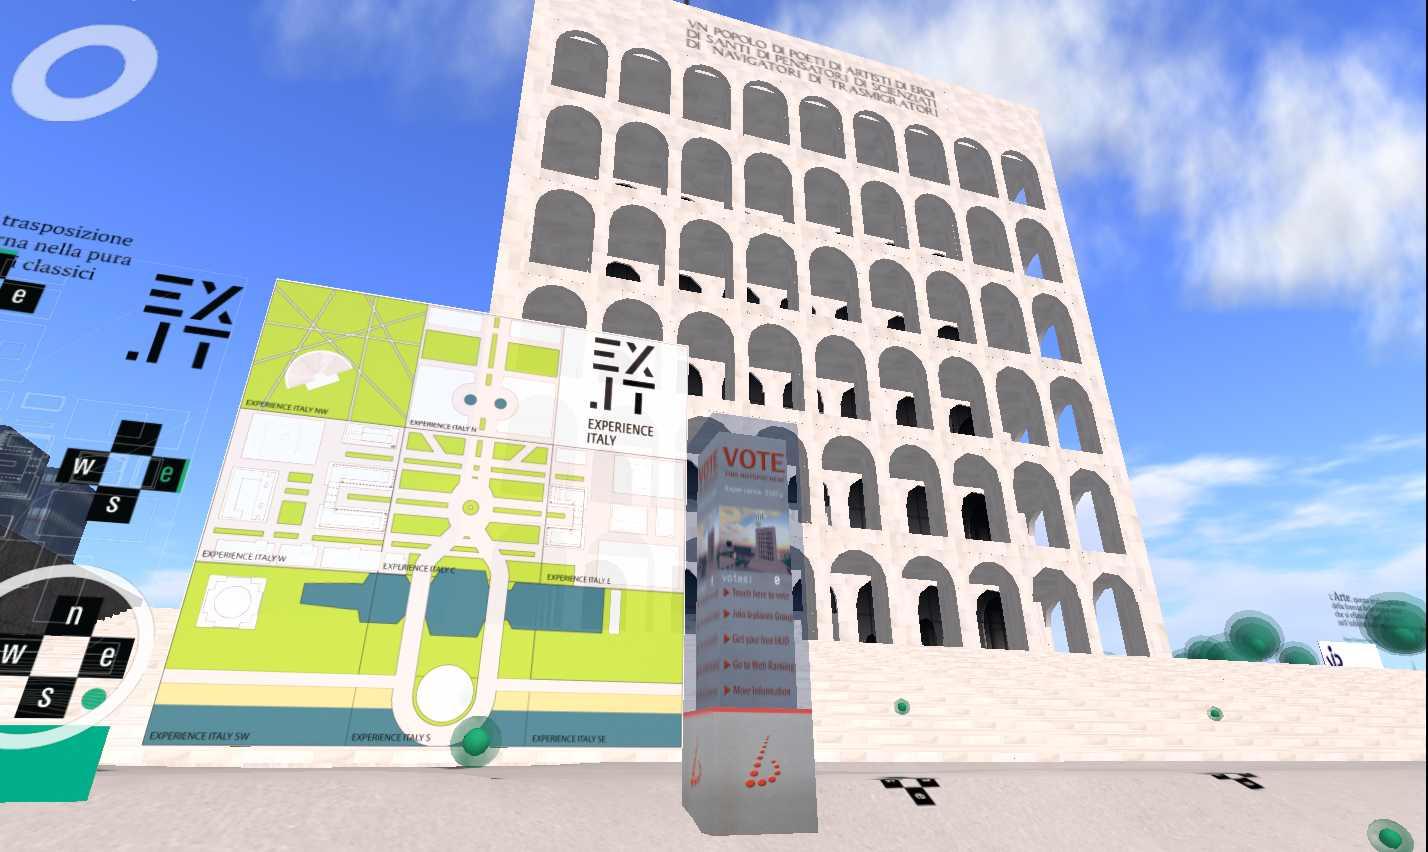 1a176ad3e58f Perciò visitate Experience Italy e ricordatevi di... votare!